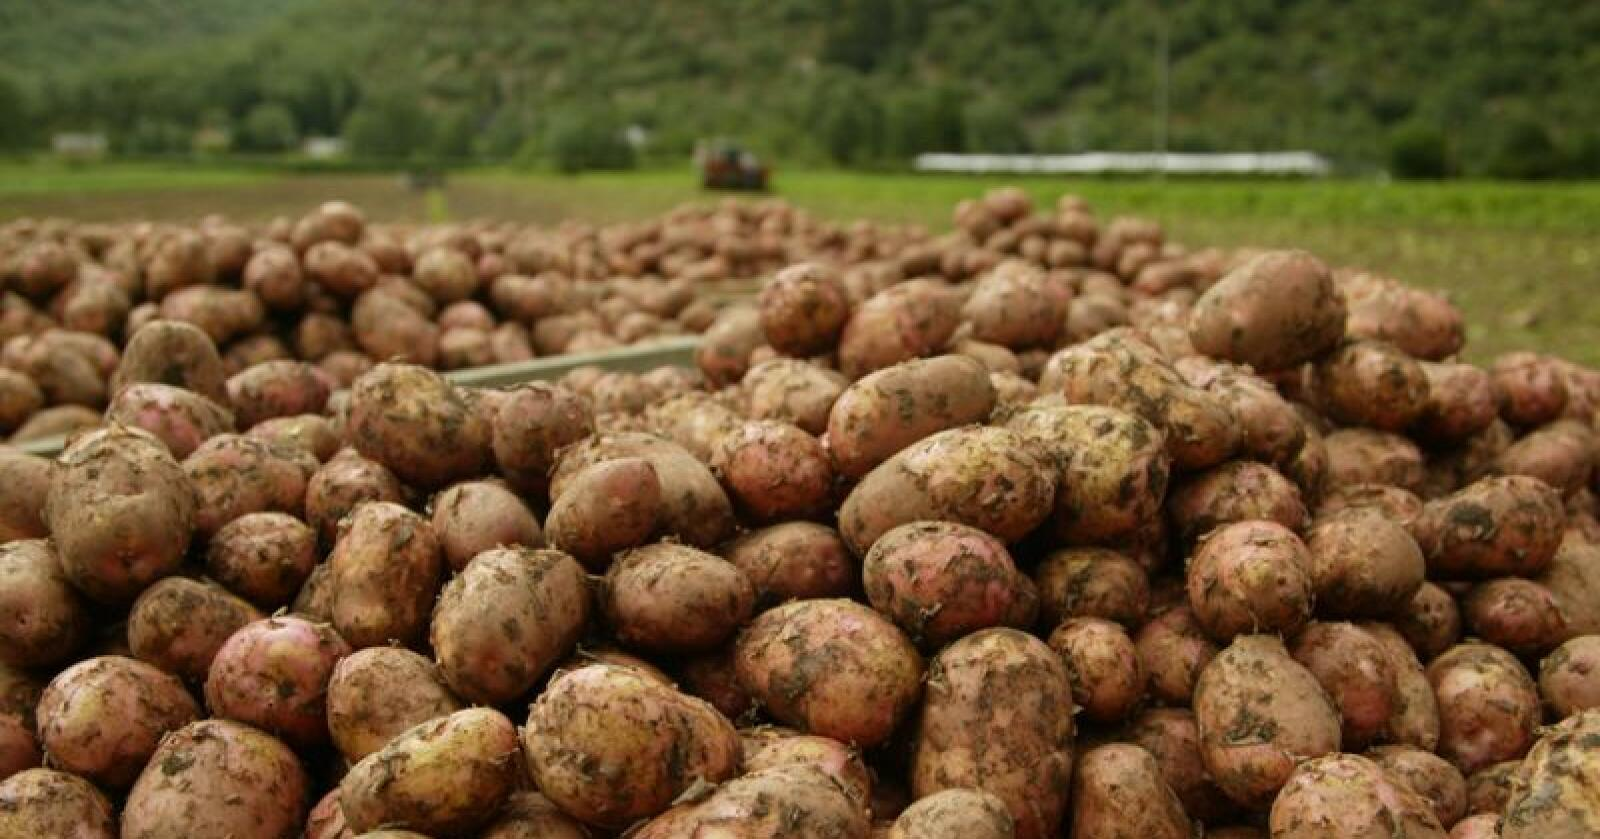 Attraktiv råvare: Det er stor stas å være først ute med å høste tidligpoteter. Arkivfoto: Karl Erik Berge